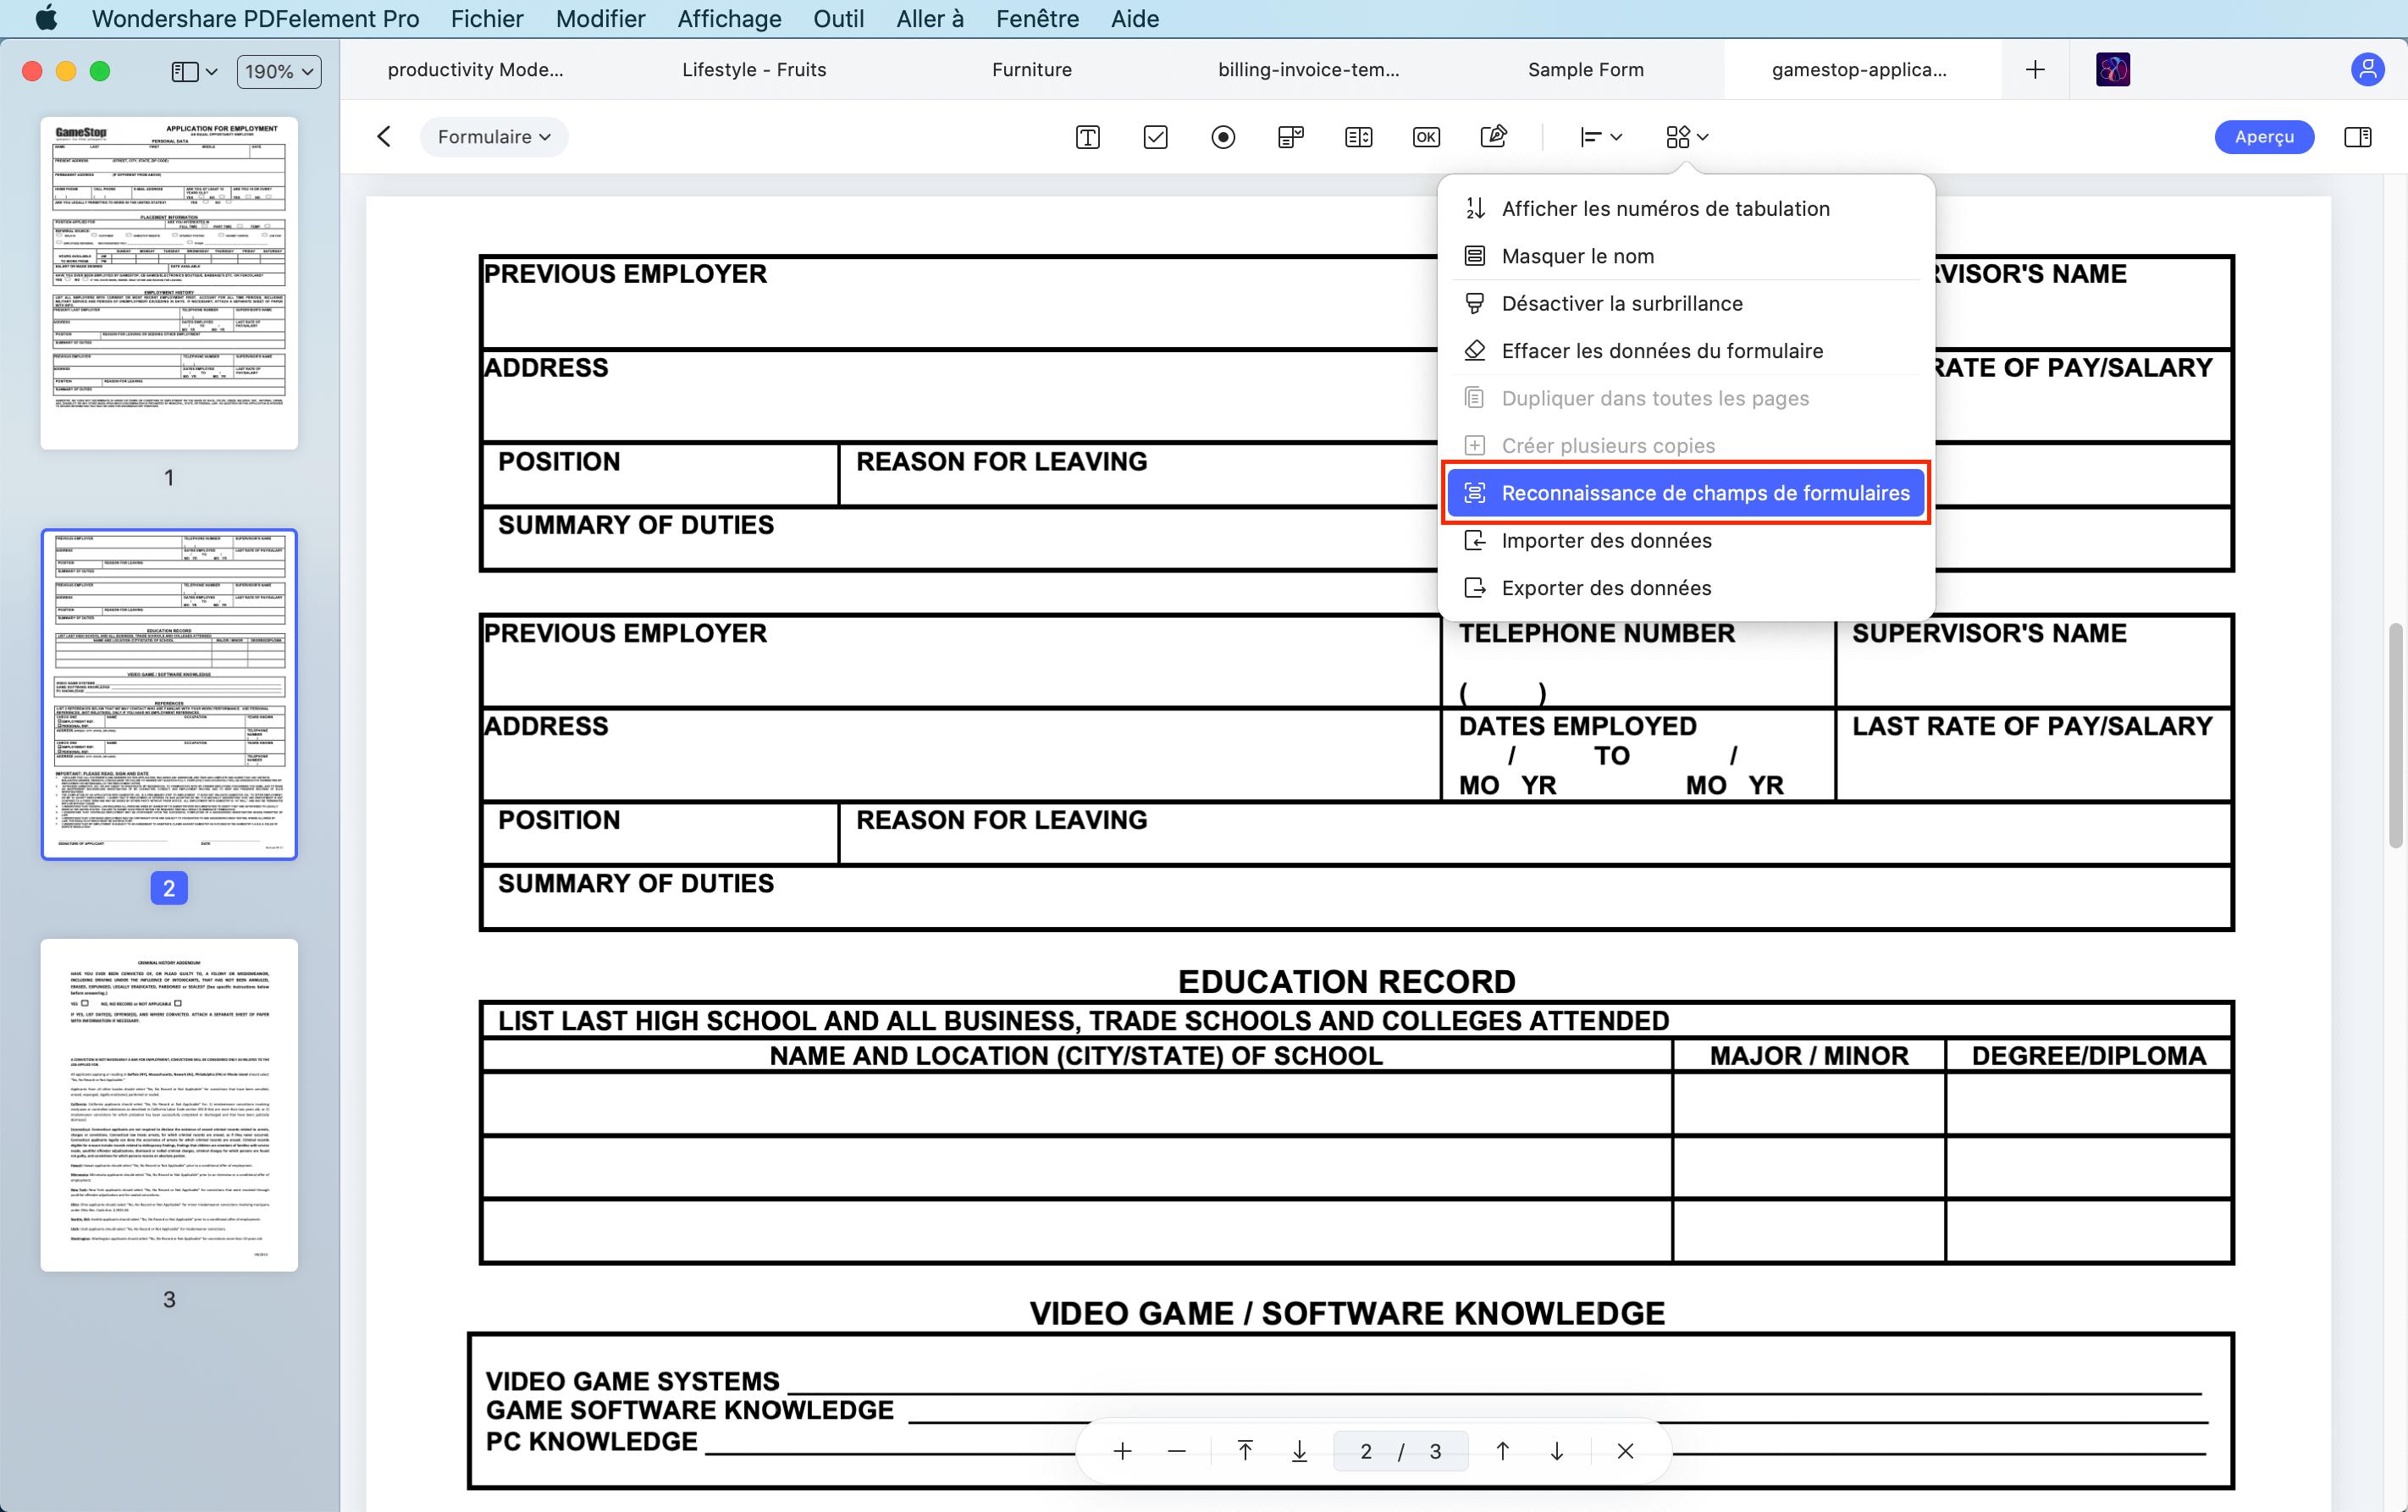 créer un formulaire automatiquement